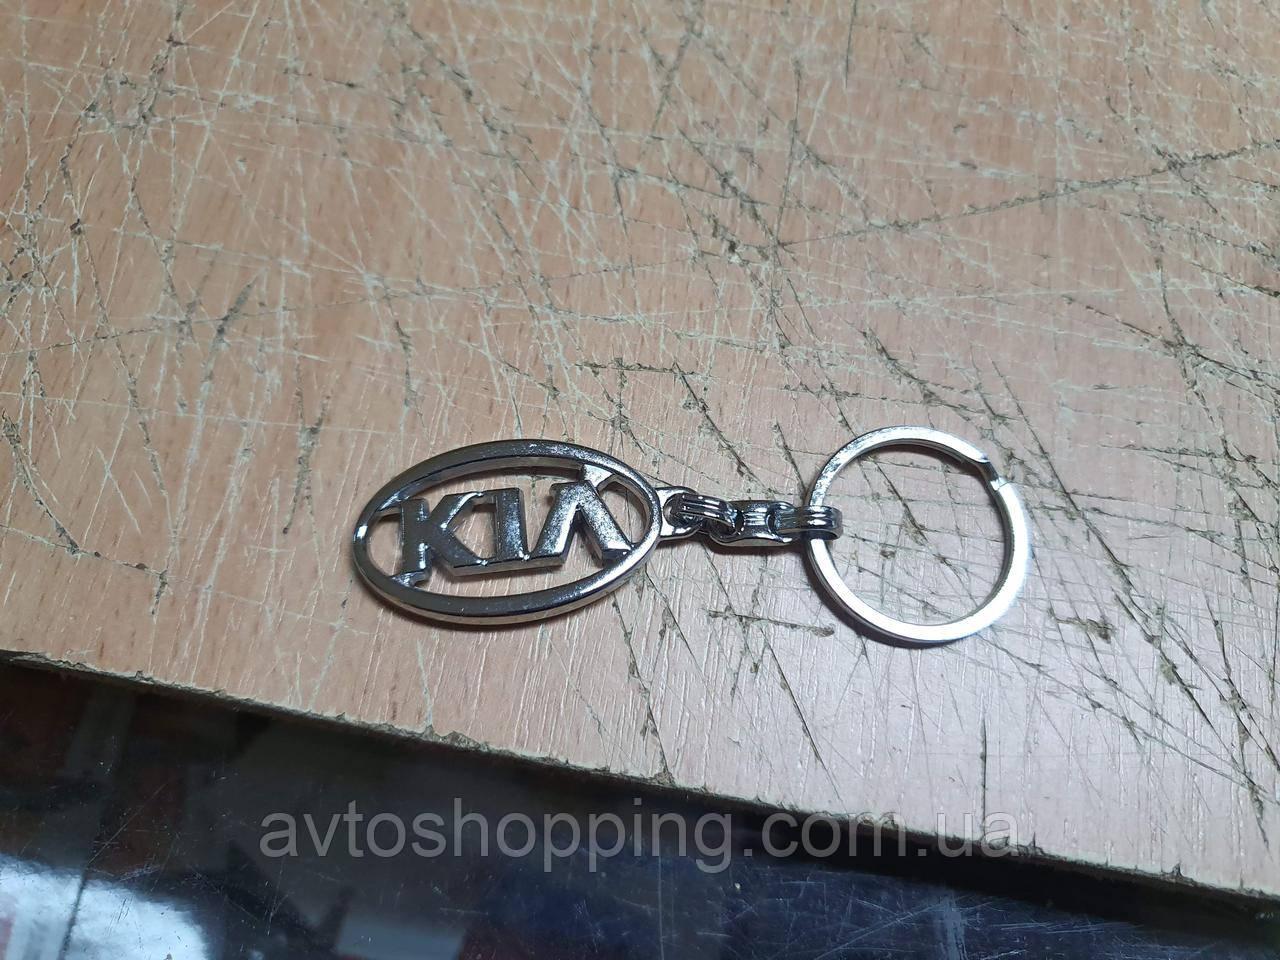 Брелок автомобильный металлический для ключей Kia Киа Качество! Турция! Брелок для ключей авто